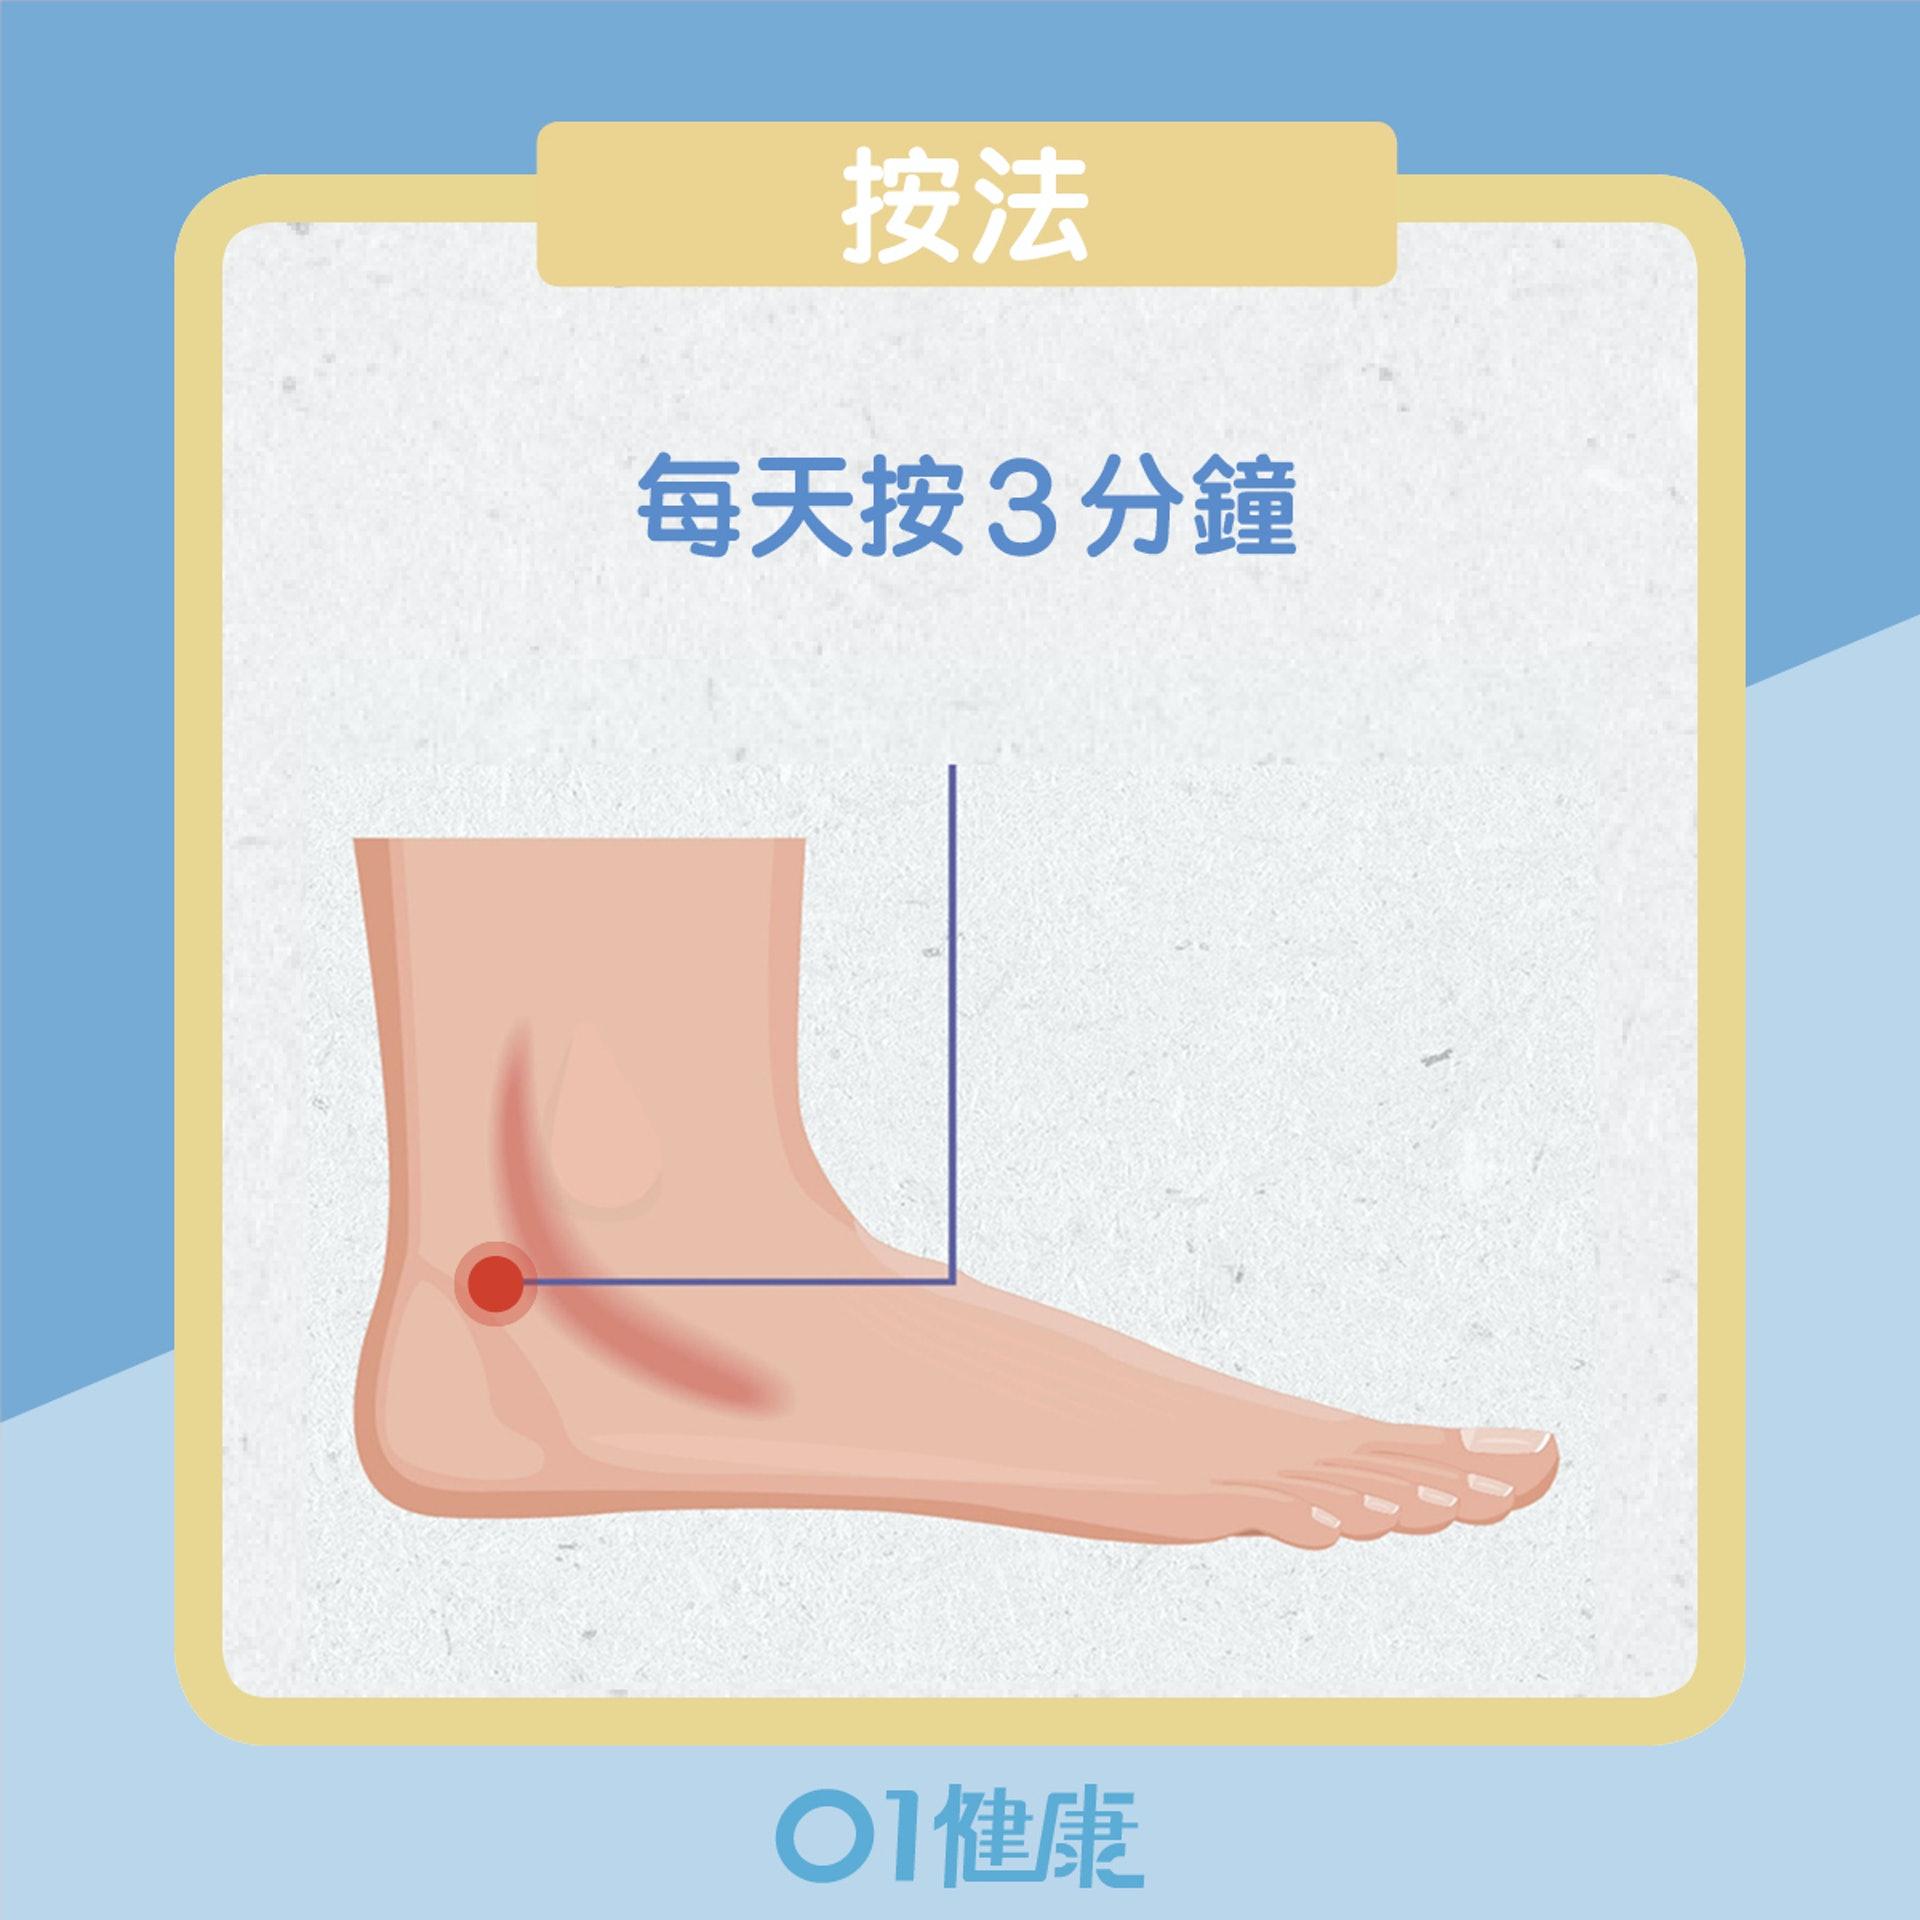 補腎穴位(01製圖)